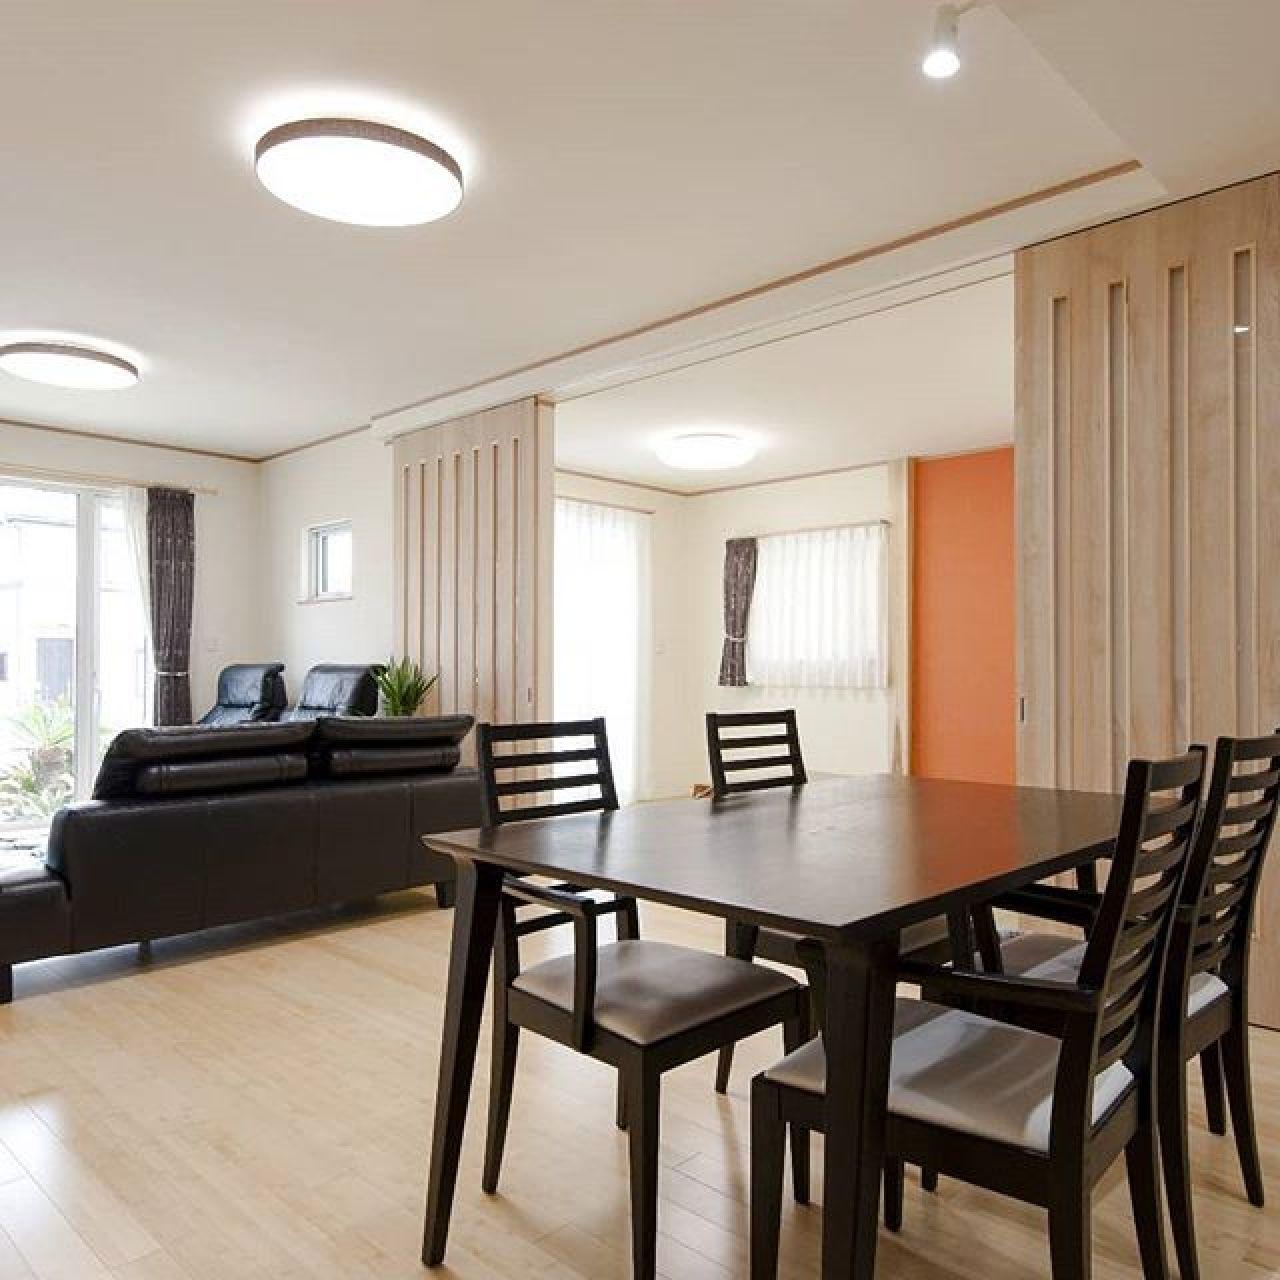 天井までの大きな建具をオリジナルで製作。広々とした空間造りに貢献。#オリジナル建具 #リビング続きの和室 #スイス漆喰 #自然素材 #注文住宅 #畳コーナー #モダン和室